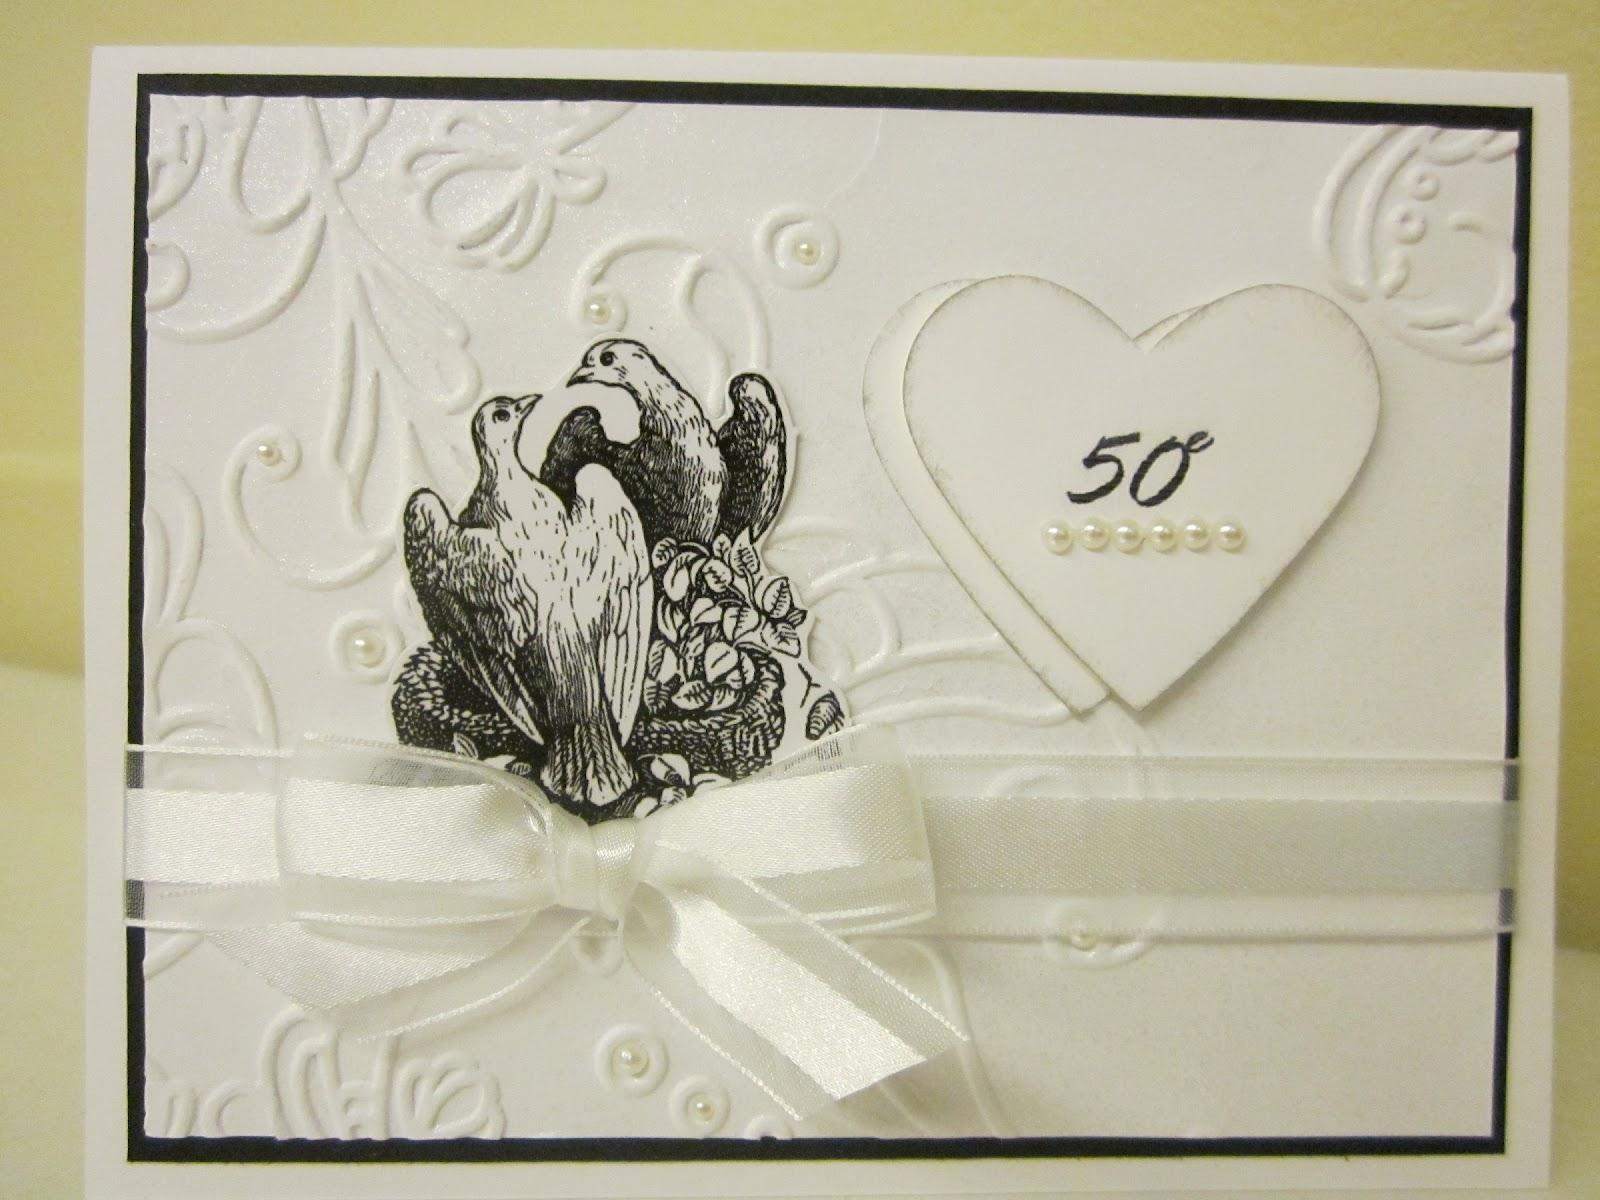 Bricole anne 50e anniversaire de mariage for 50e anniversaire de mariage